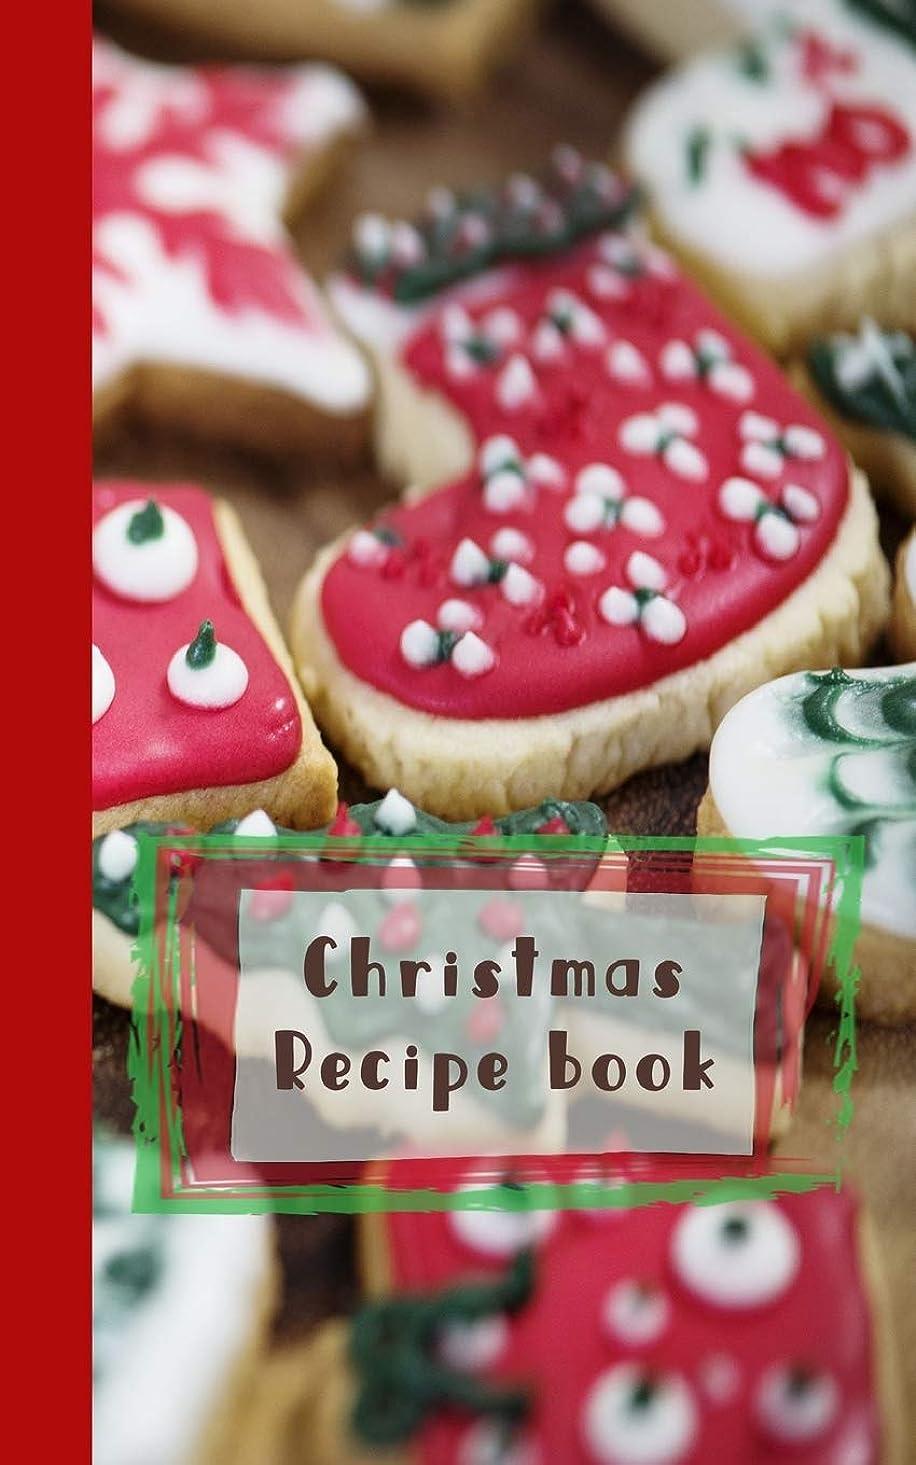 ドラマコットン到着するChristmas recipe book: Red, white and green cookies Recipe Book - Cookbook Journal of your all your Christmas food experiments